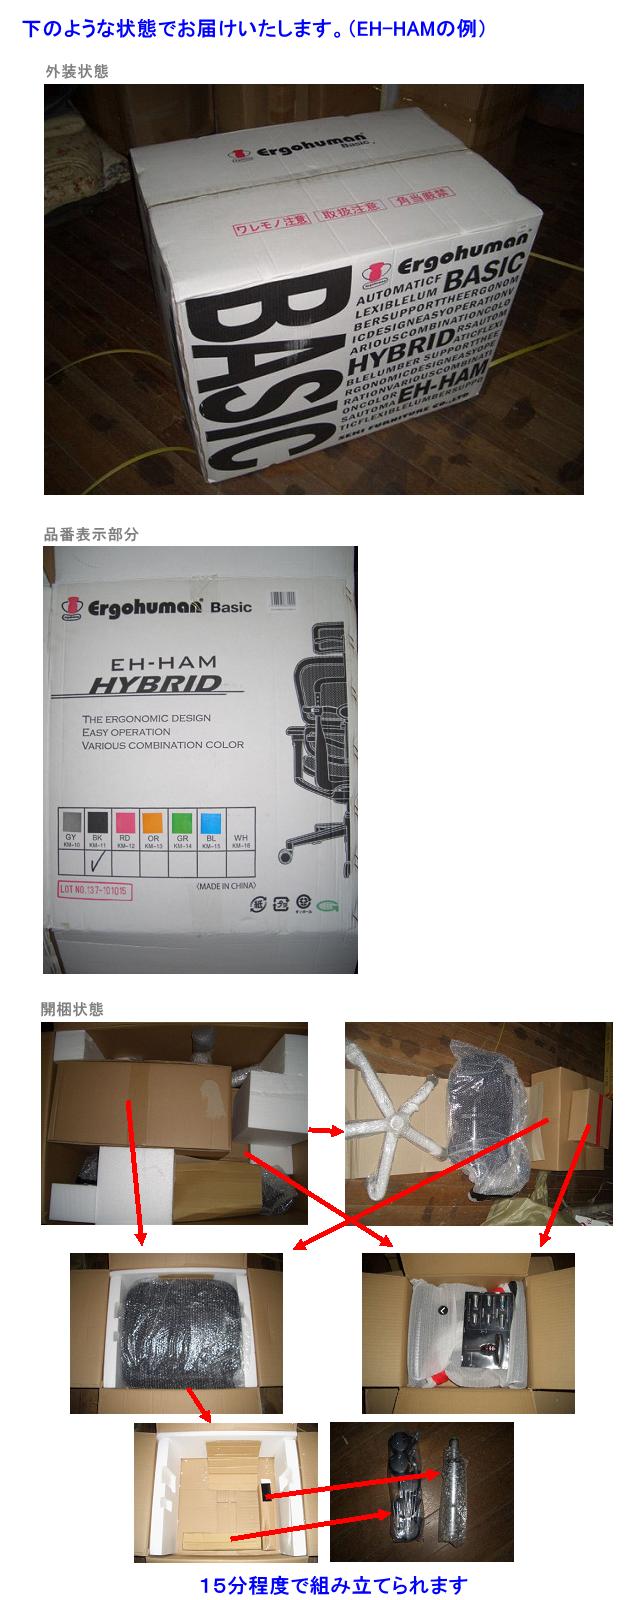 オフィスチェア【ライフレーバー】エルゴヒューマン ハイブリッド/Ergohuman HYBRID 梱包状態